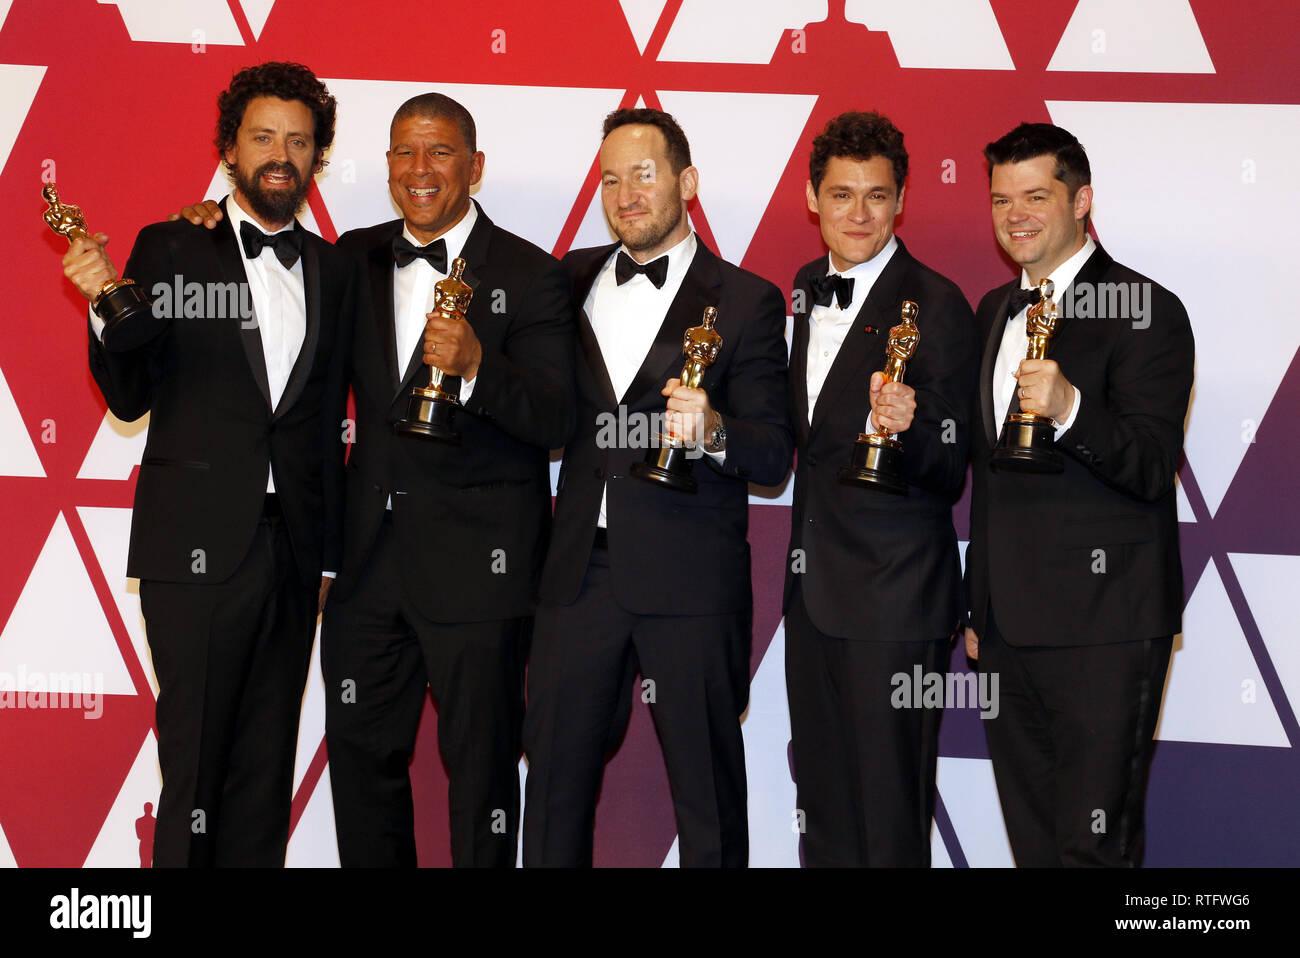 Academy Awards Stock Photos & Academy Awards Stock Images